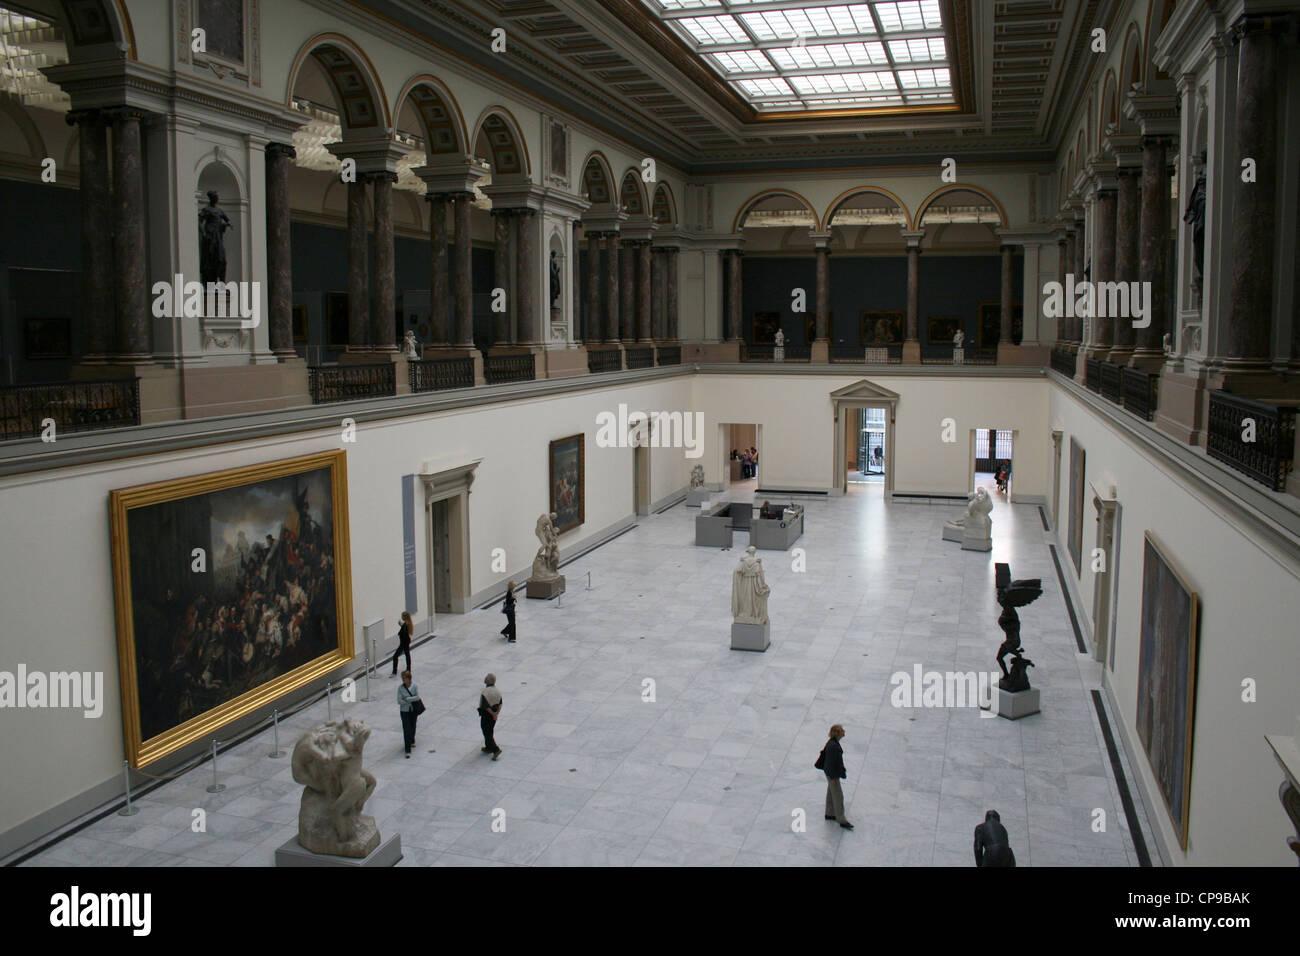 La sala principale del Museo Reale di Belle Arti del Belgio, Bruxelles Immagini Stock